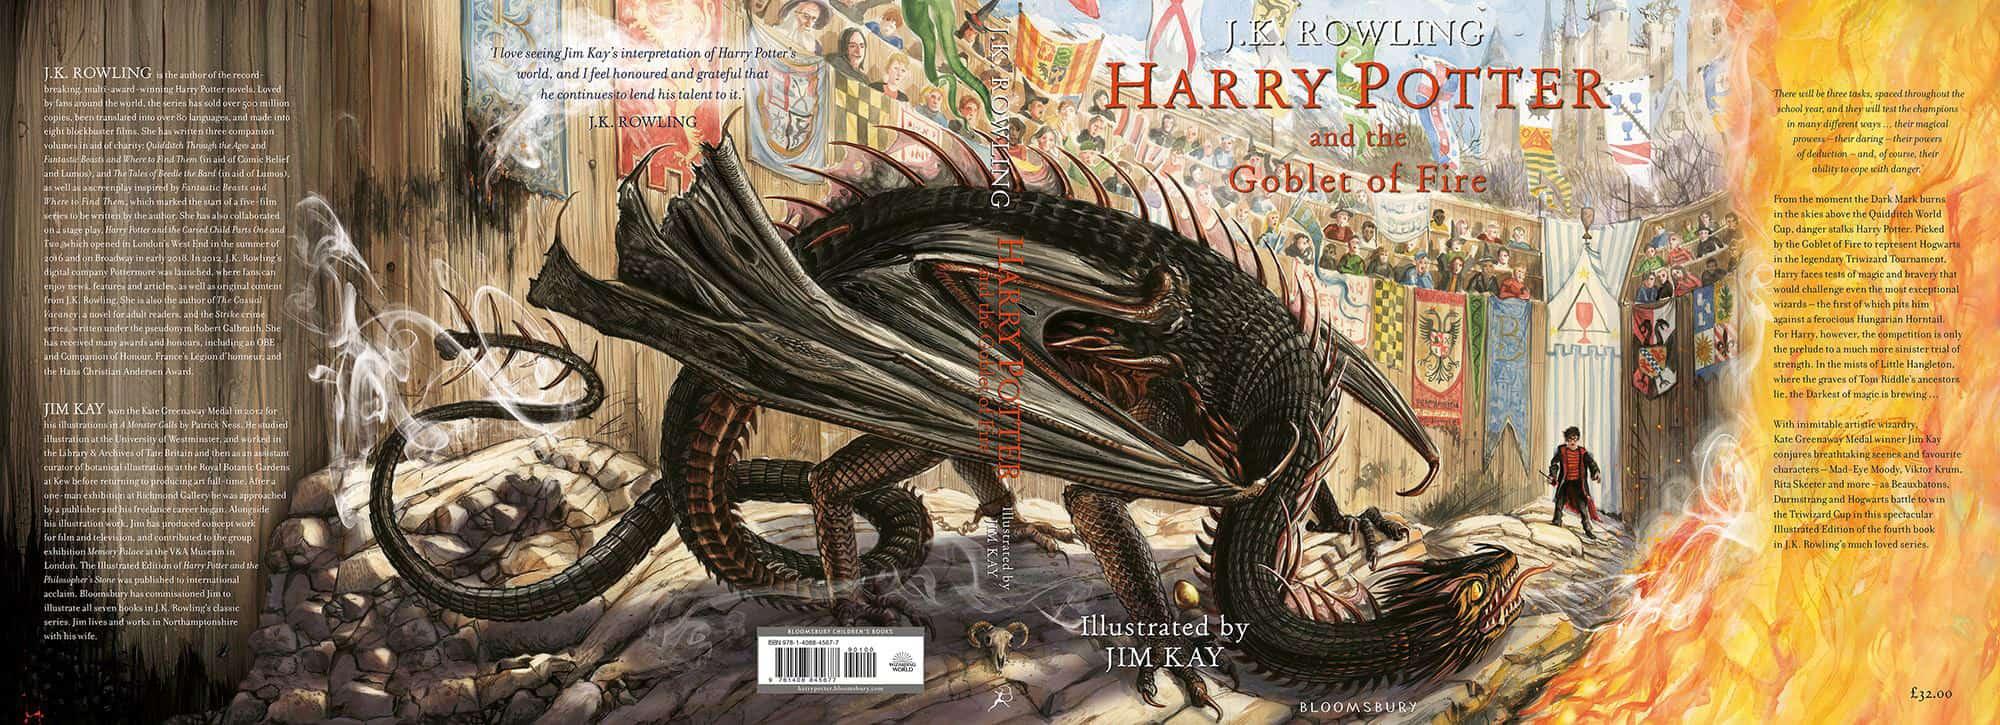 Potterish :: Harry Potter, o Ickabog, Animais Fantásticos e JK Rowling Edição ilustrada de O Cálice de Fogo ganha capa